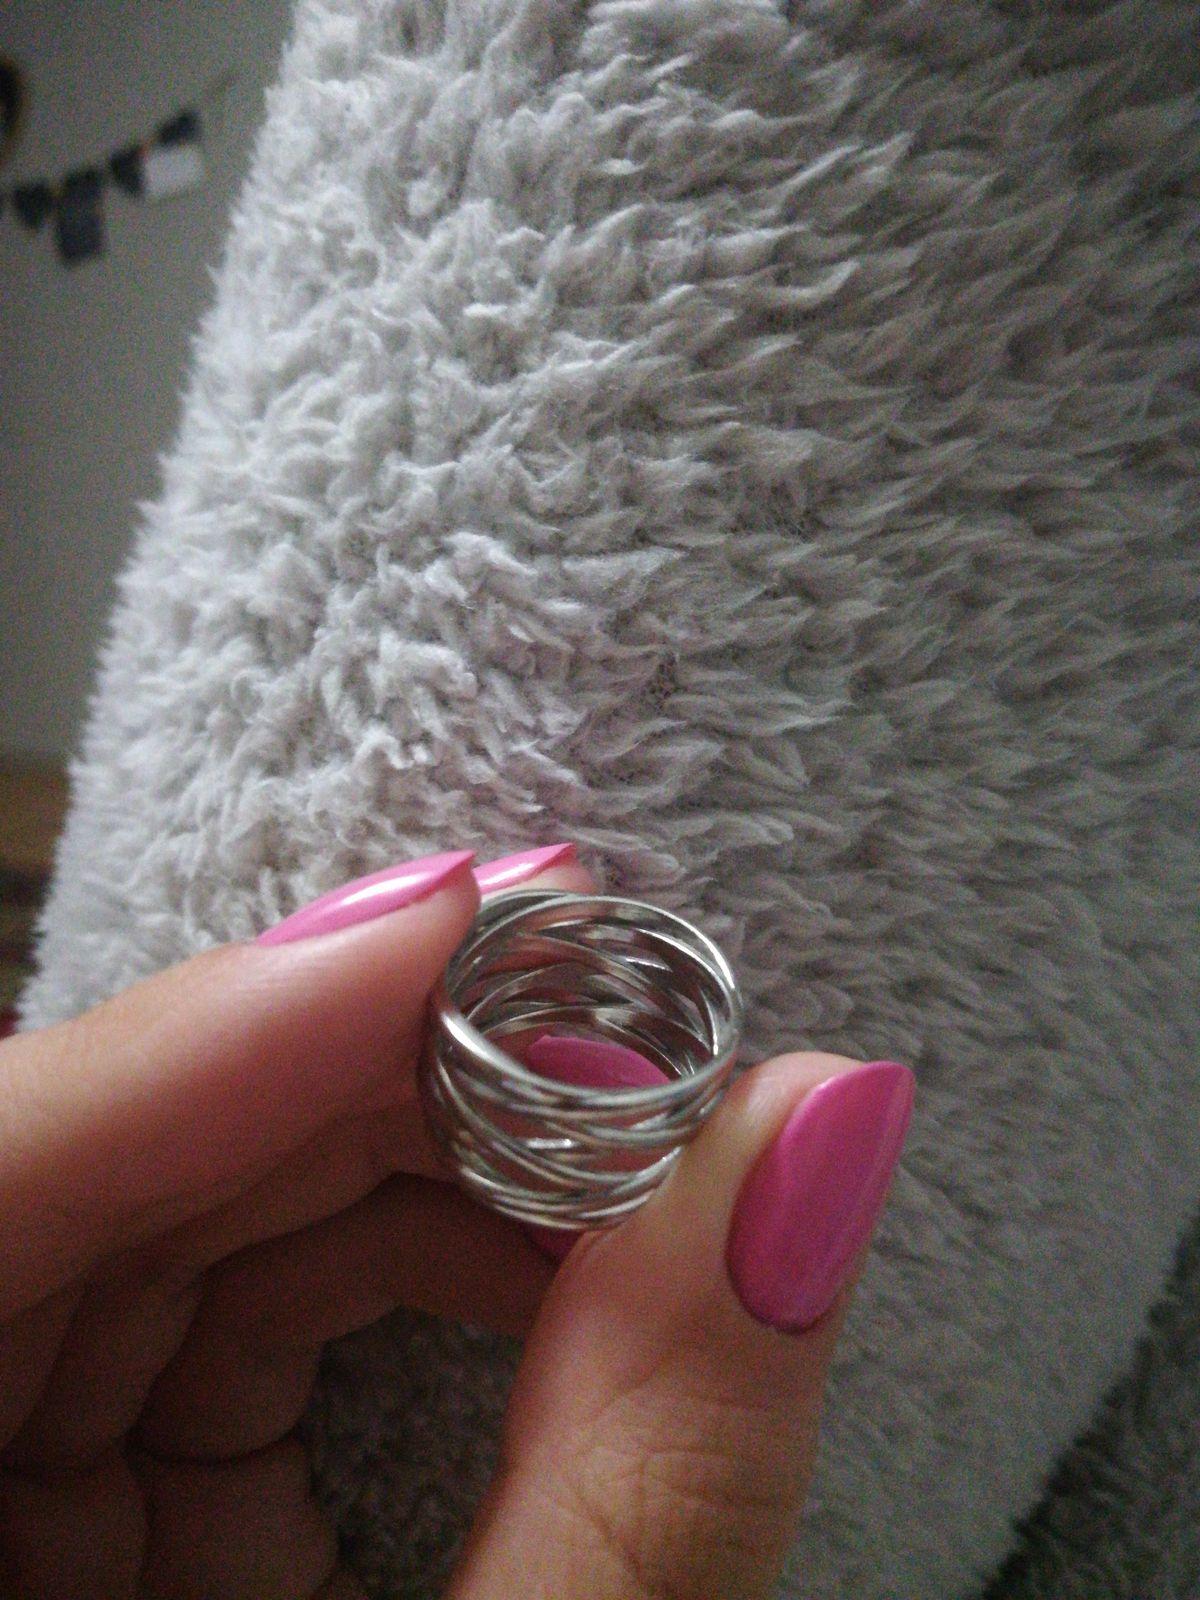 Кольцо очень нравится